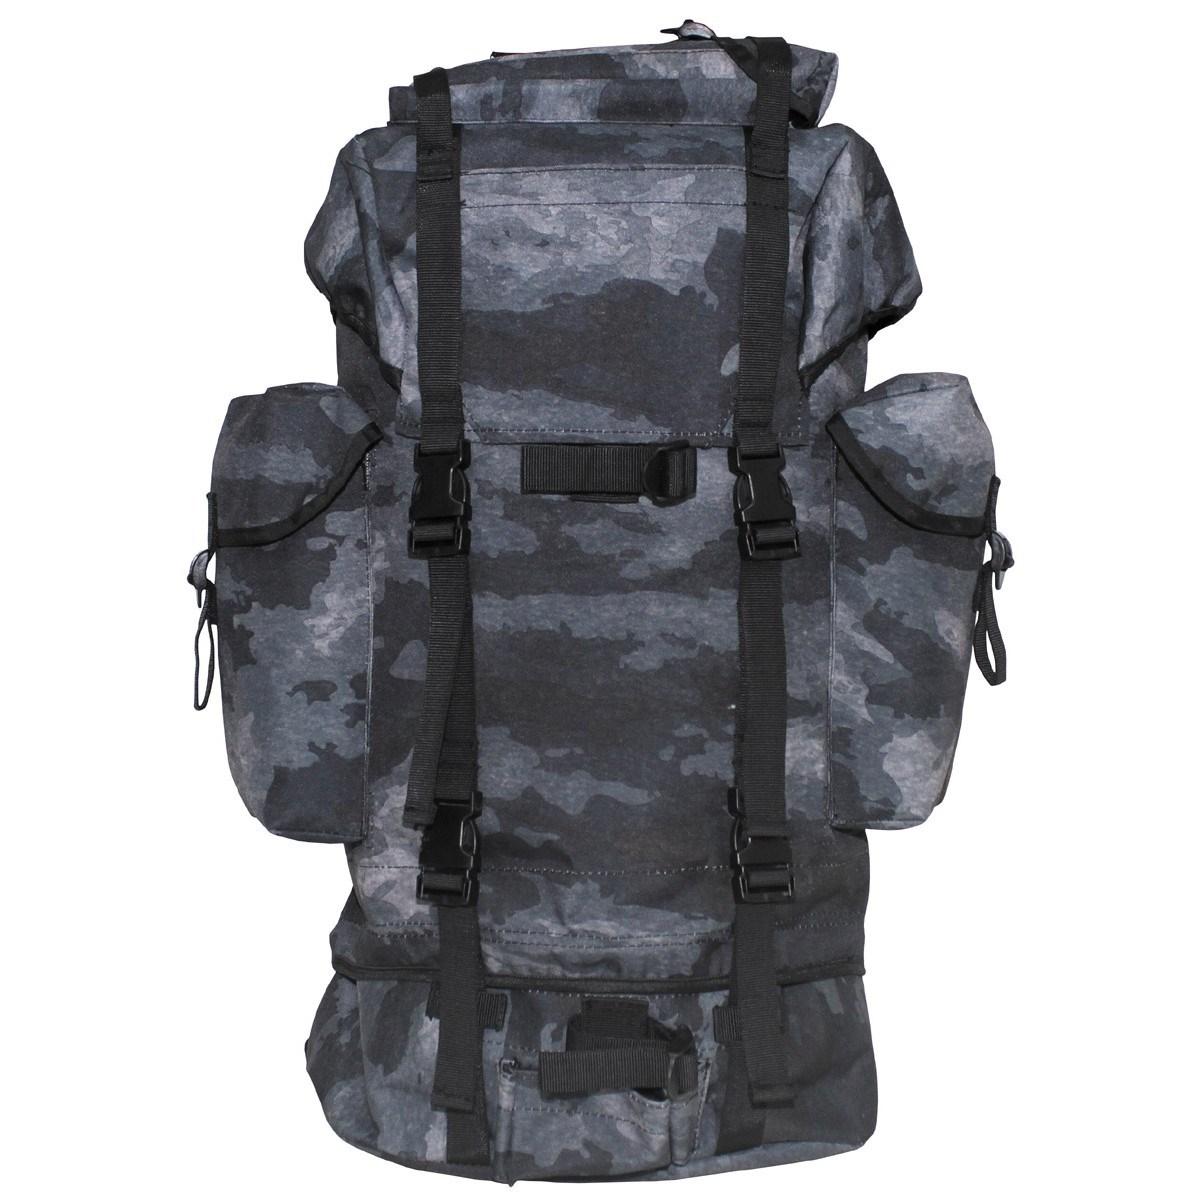 Batoh bojový BW 65l HDT-camo LE - zvìtšit obrázek